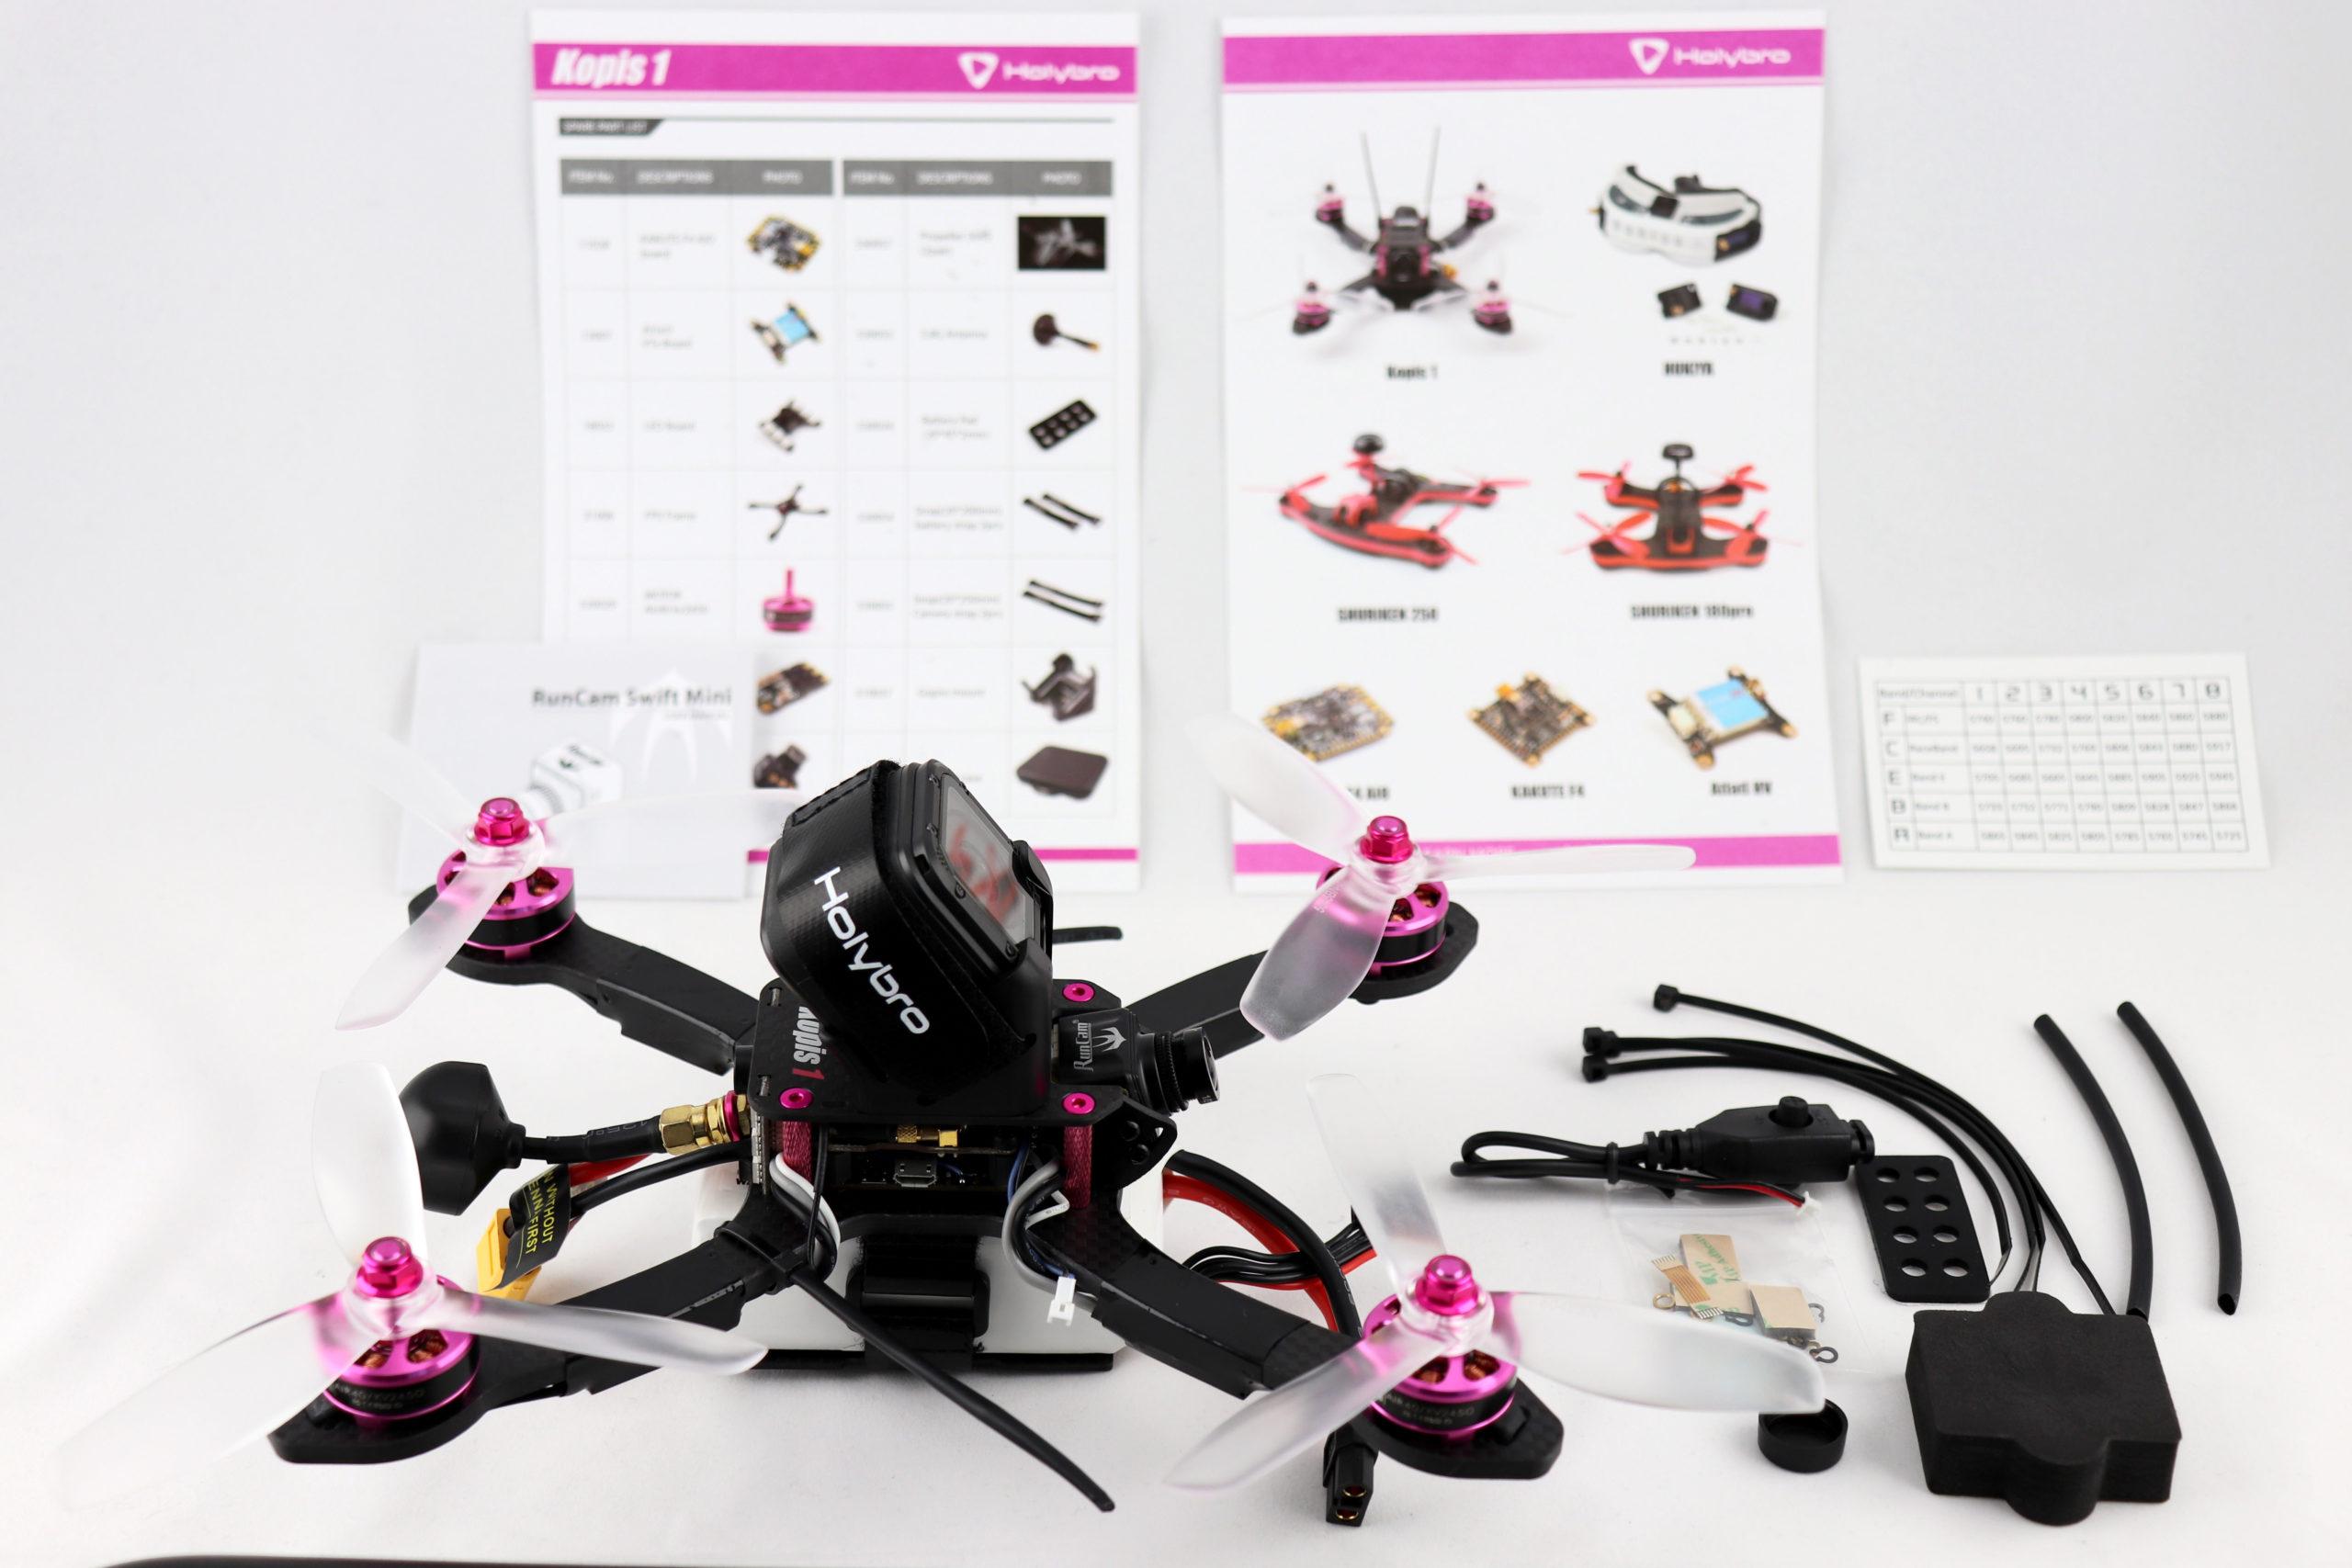 Holybro Kopis 1 RTF Racing Quadcopter